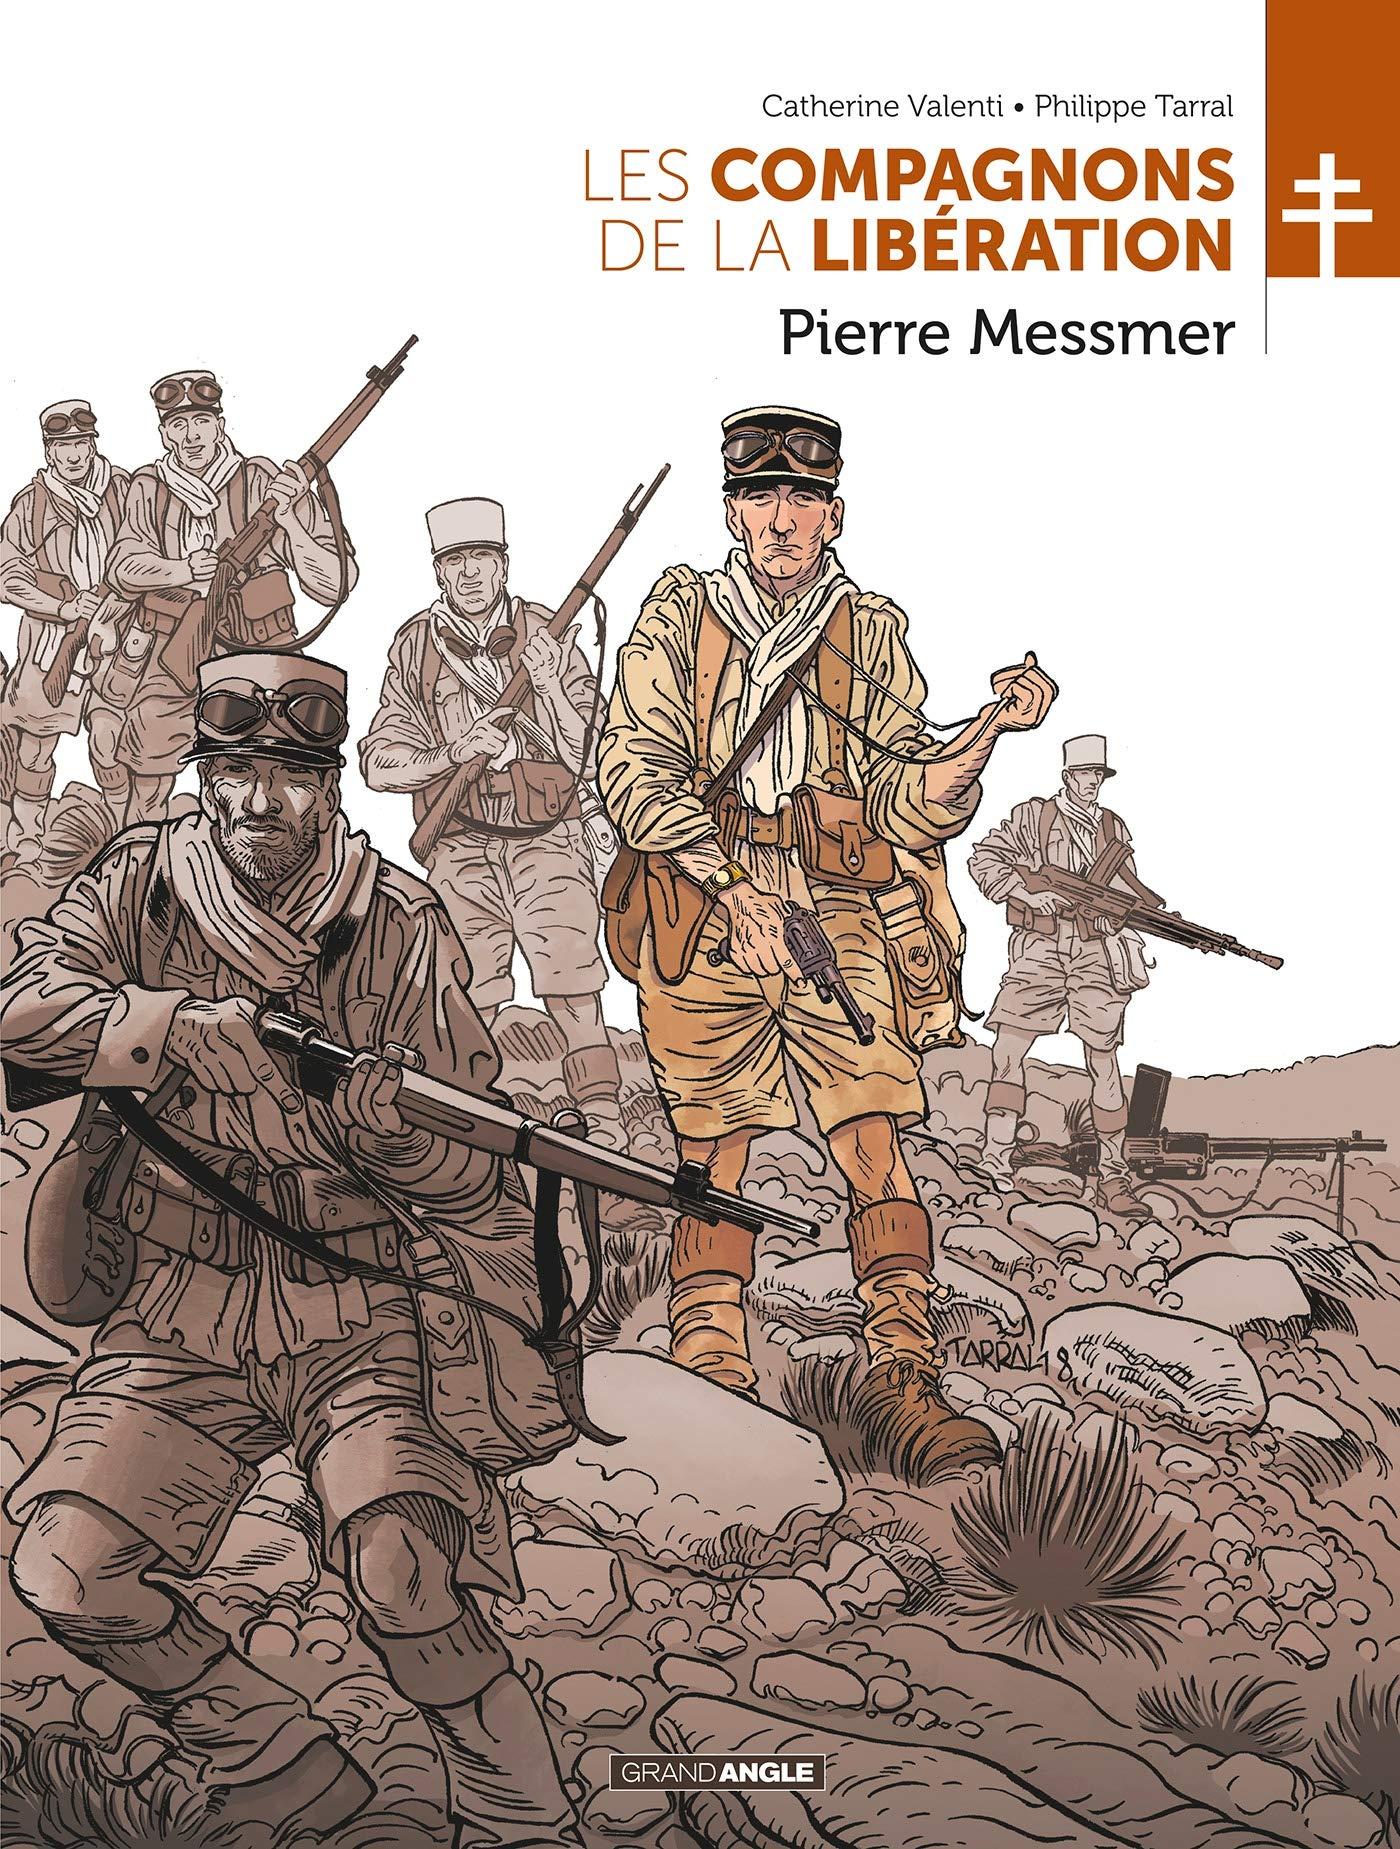 Les compagnons de la libération 1 - Pierre Messmer